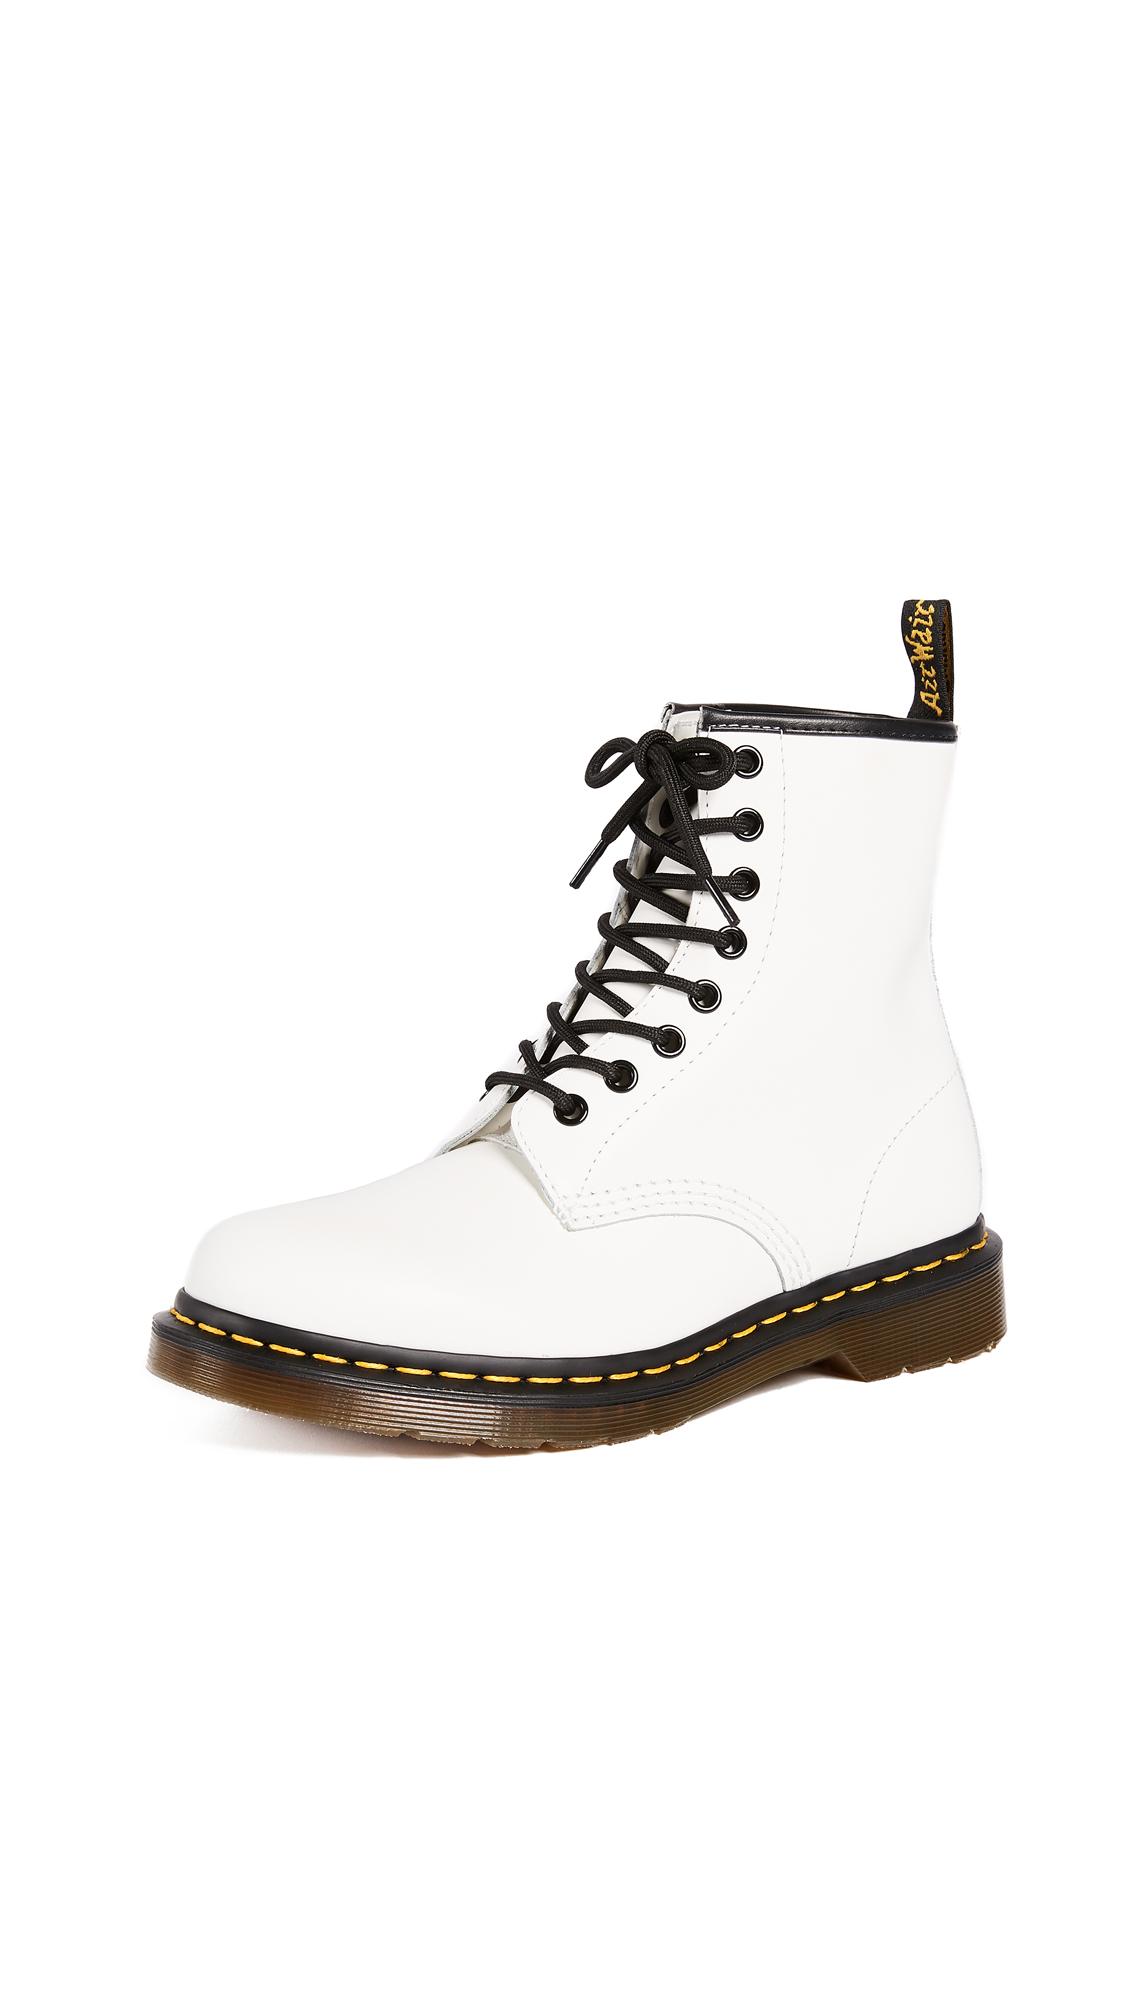 Dr. Martens 1460 8 Eye Boot - White